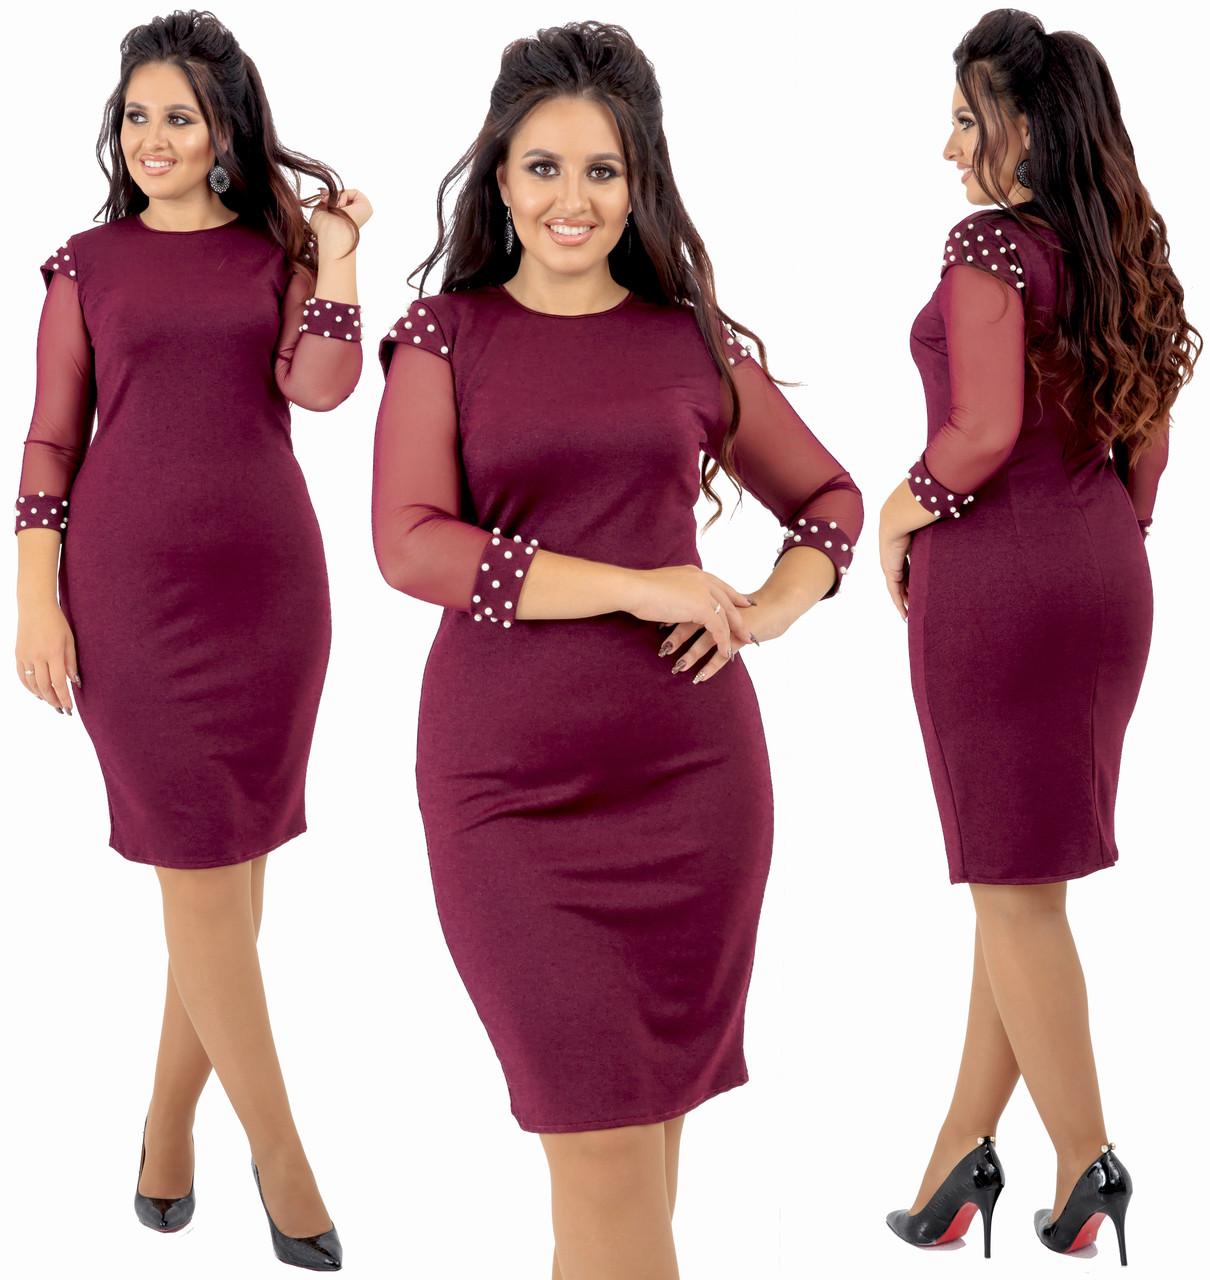 Платье миди больших размеров 48+ рукав сетка , декор бусинки / 4 цвета арт 6539-92